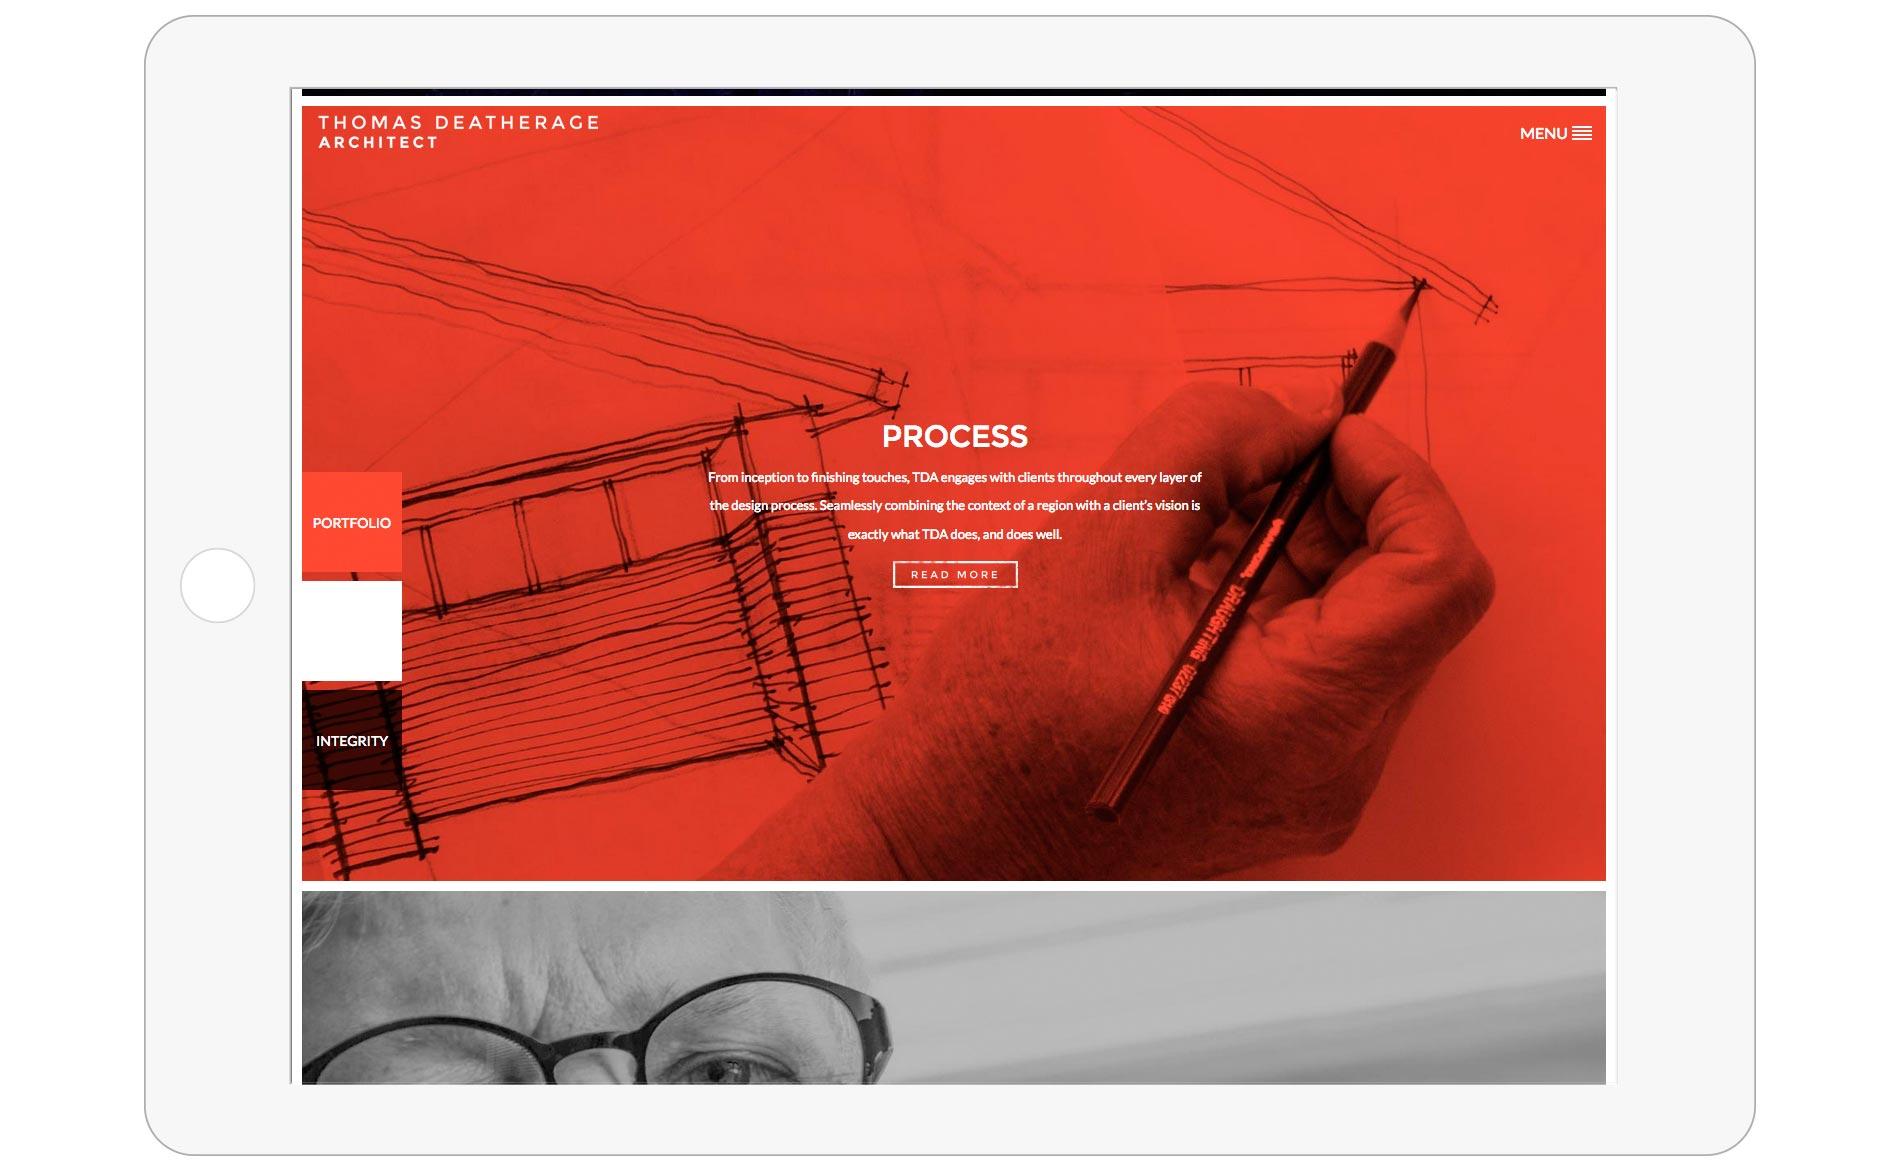 Thomas Deatherage Website Design - Tablet - Home